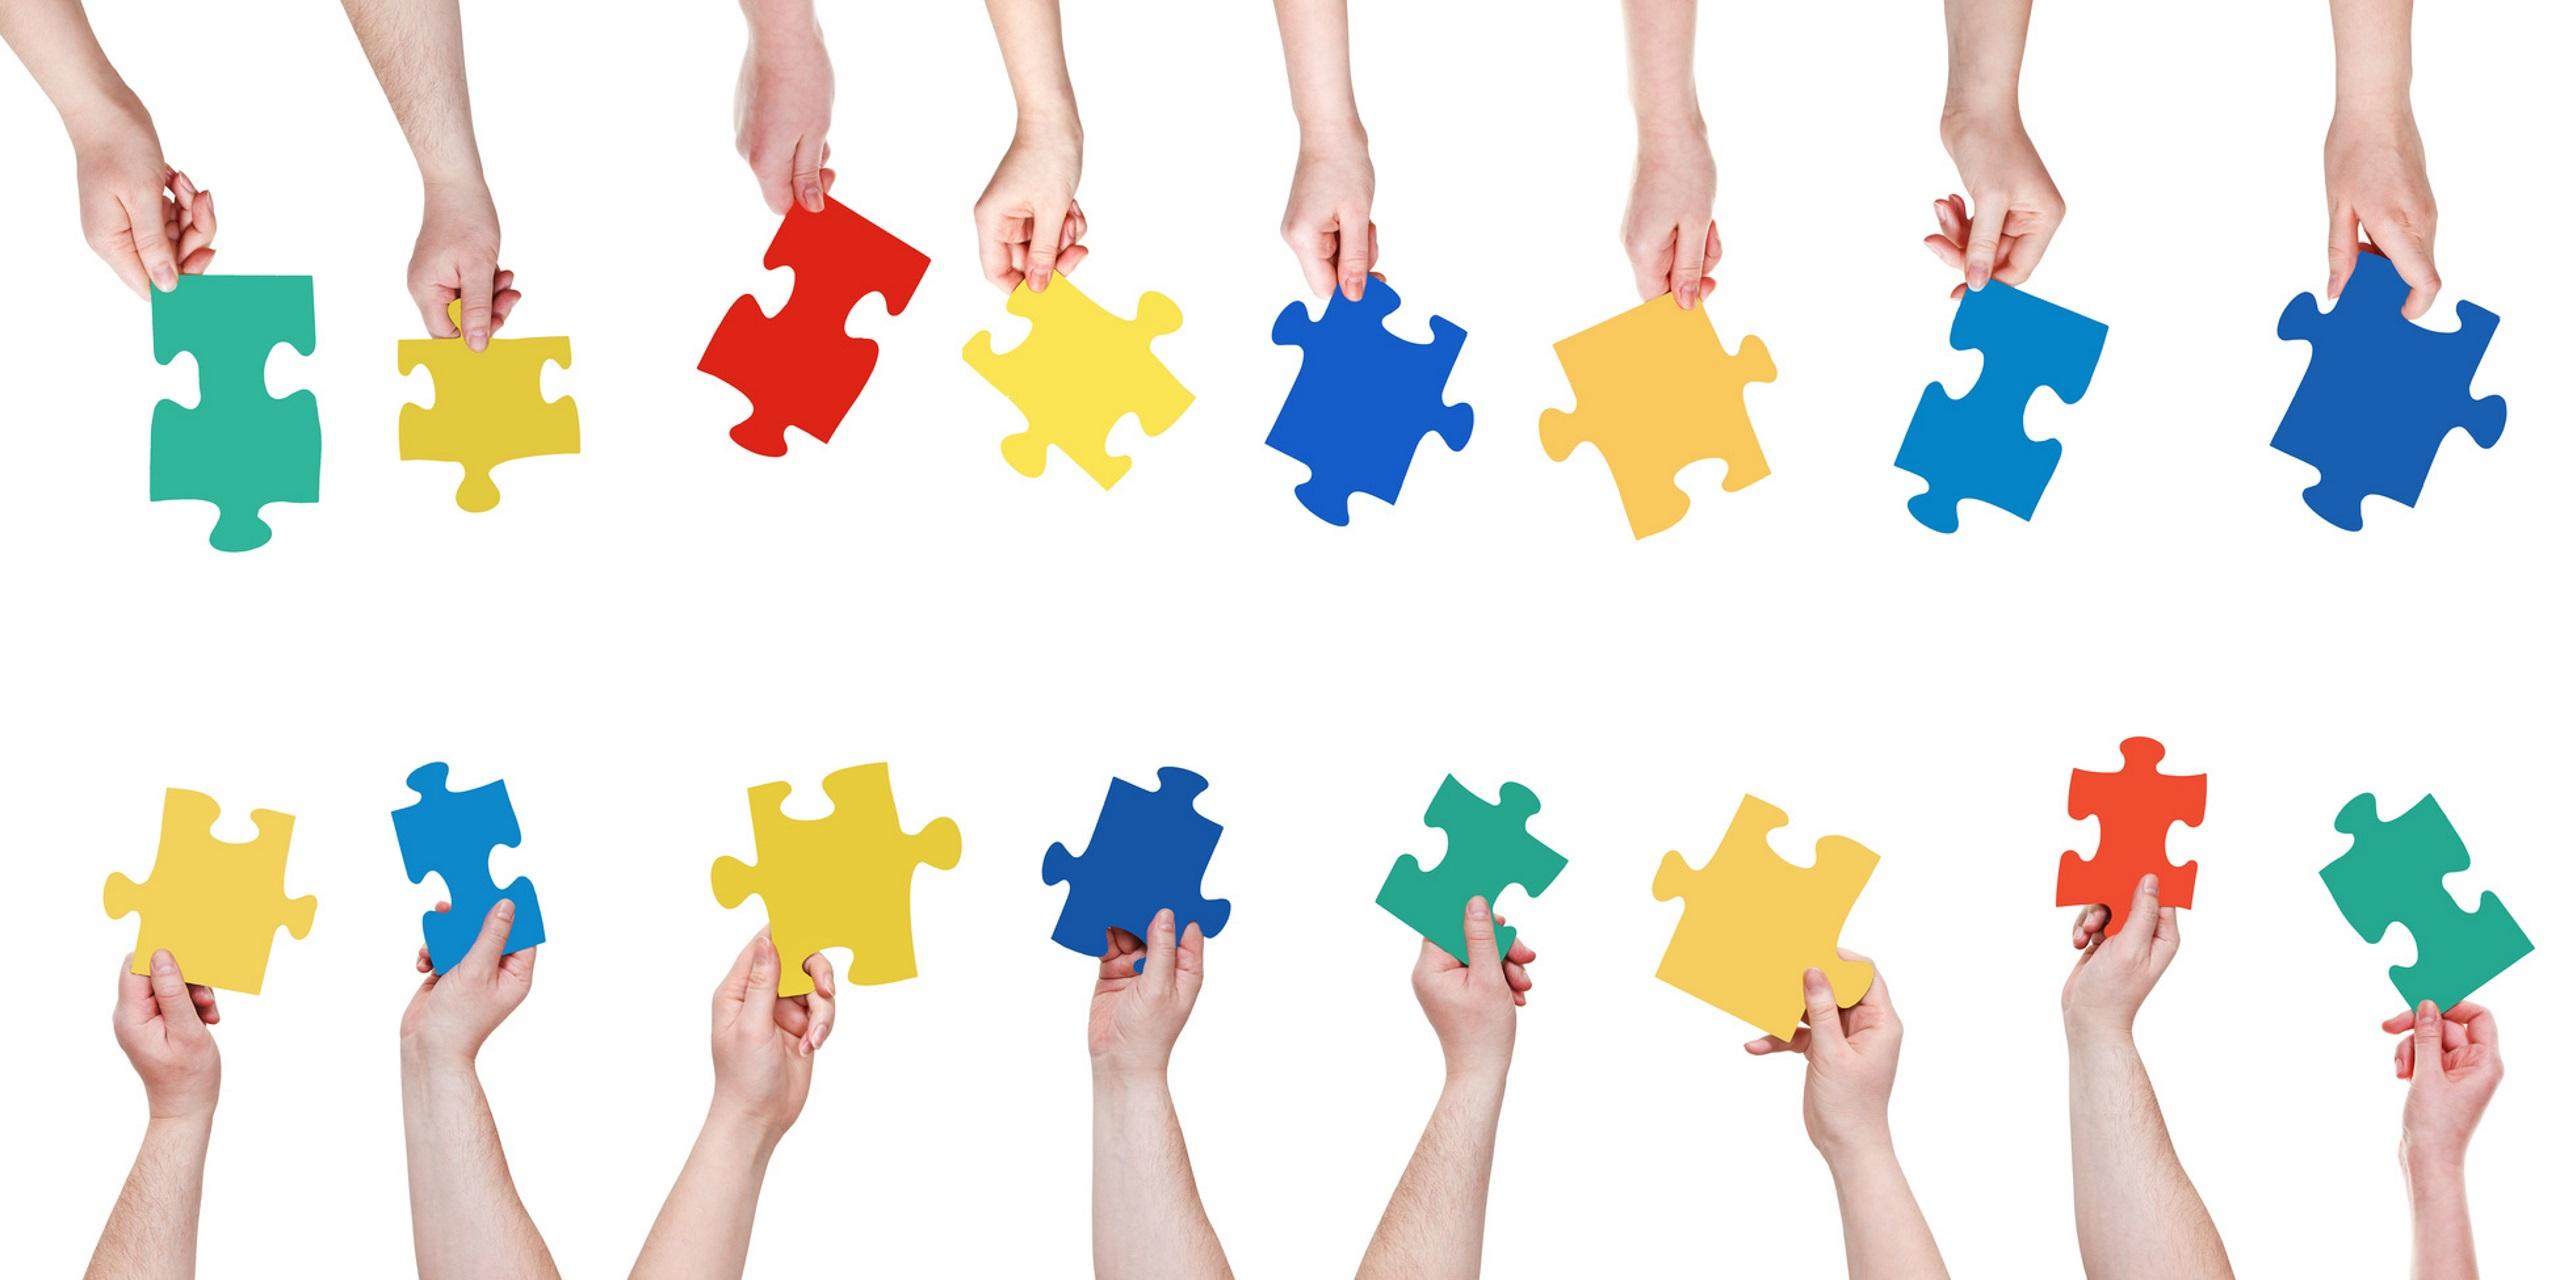 Viele Hände führen Puzzleteile zusammen.